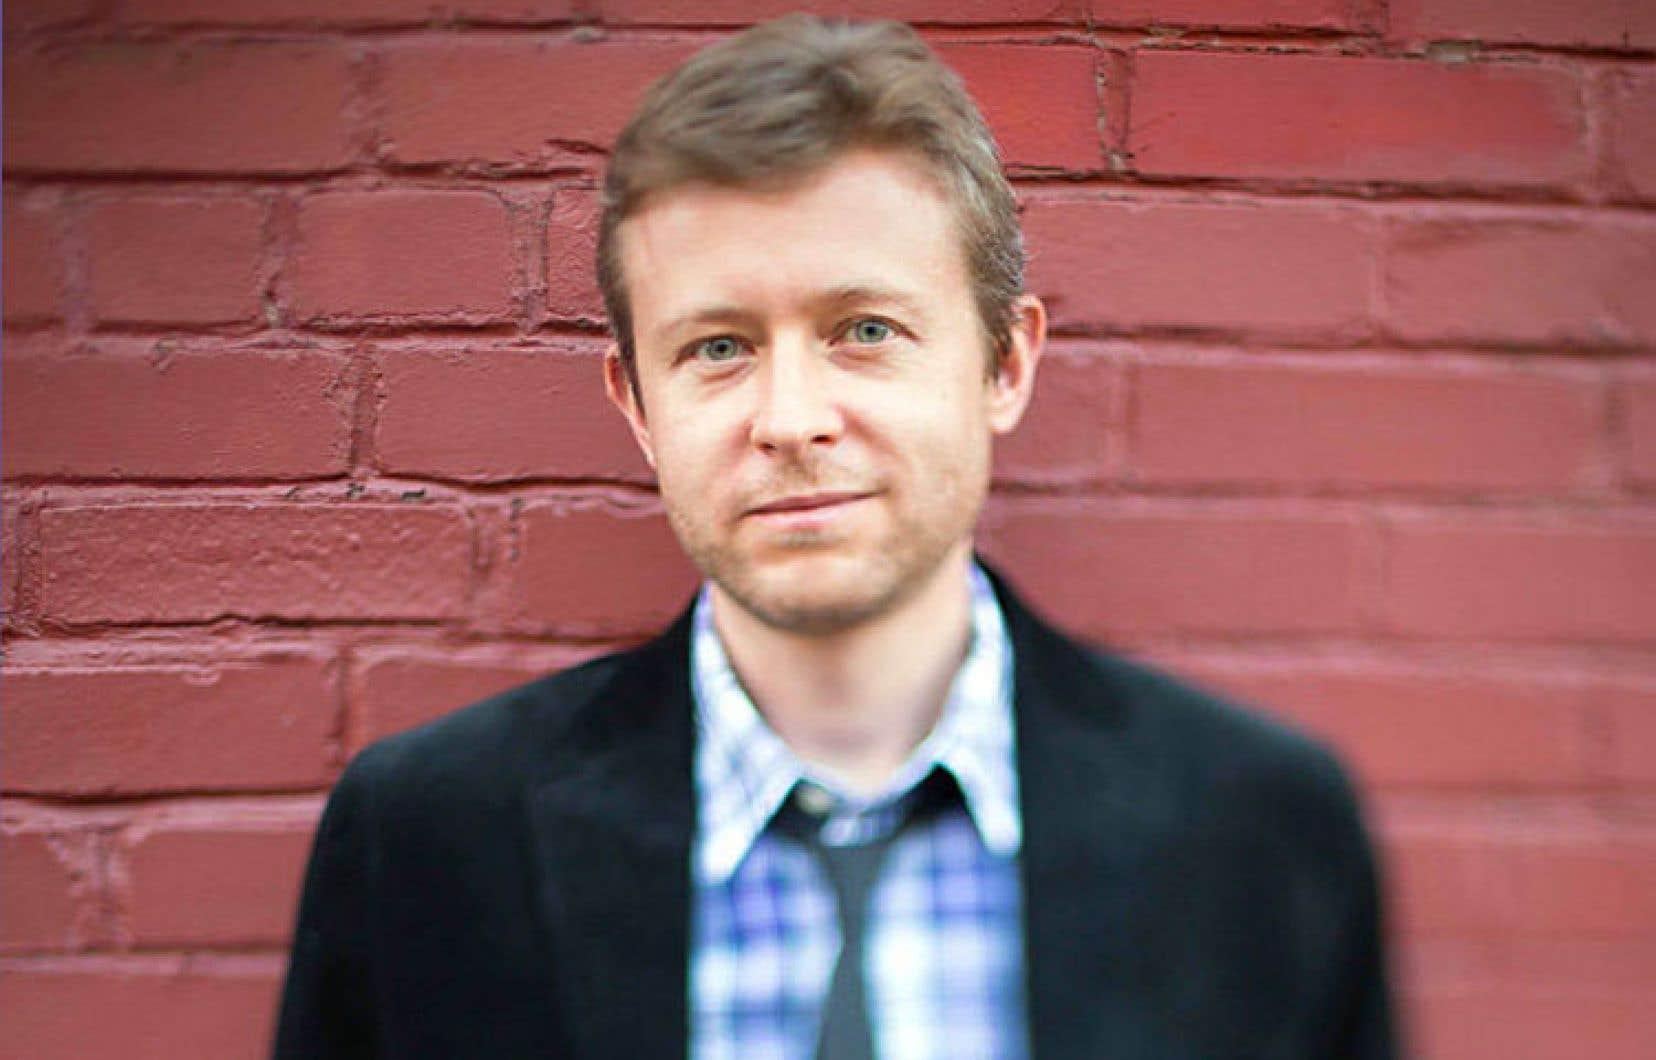 Josh Rager se distingue par une manière de jouer du piano. Son jeu est solide. Saccadé dans le sens noble du terme.